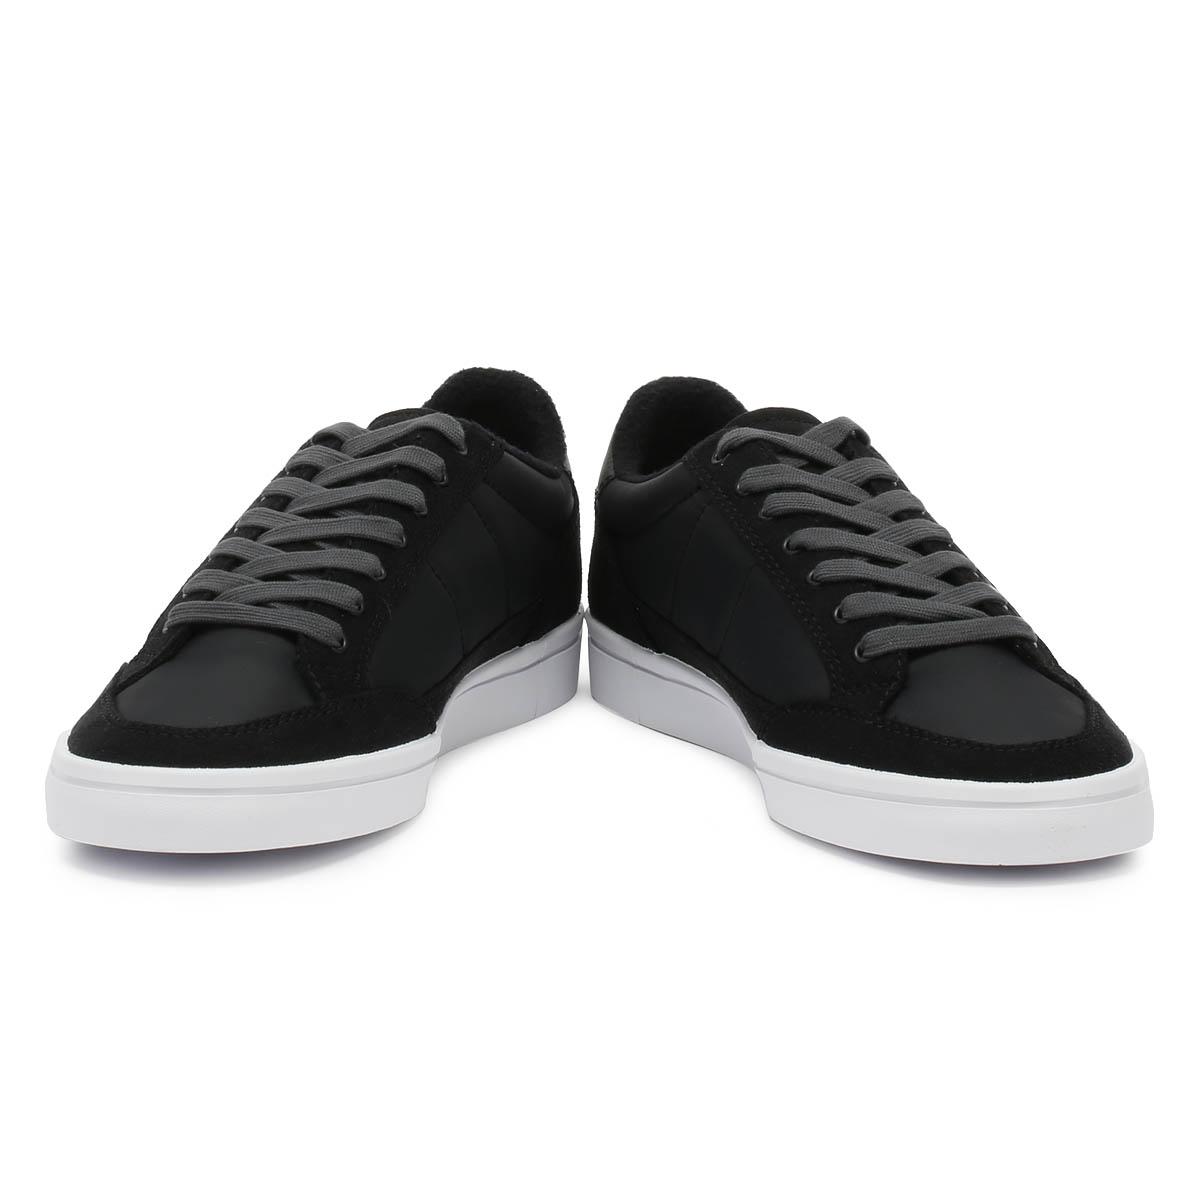 FRED Perry sneaker uomo nero nero nero Deuce winterised in Microfibra Sport Scarpe Casual b34499